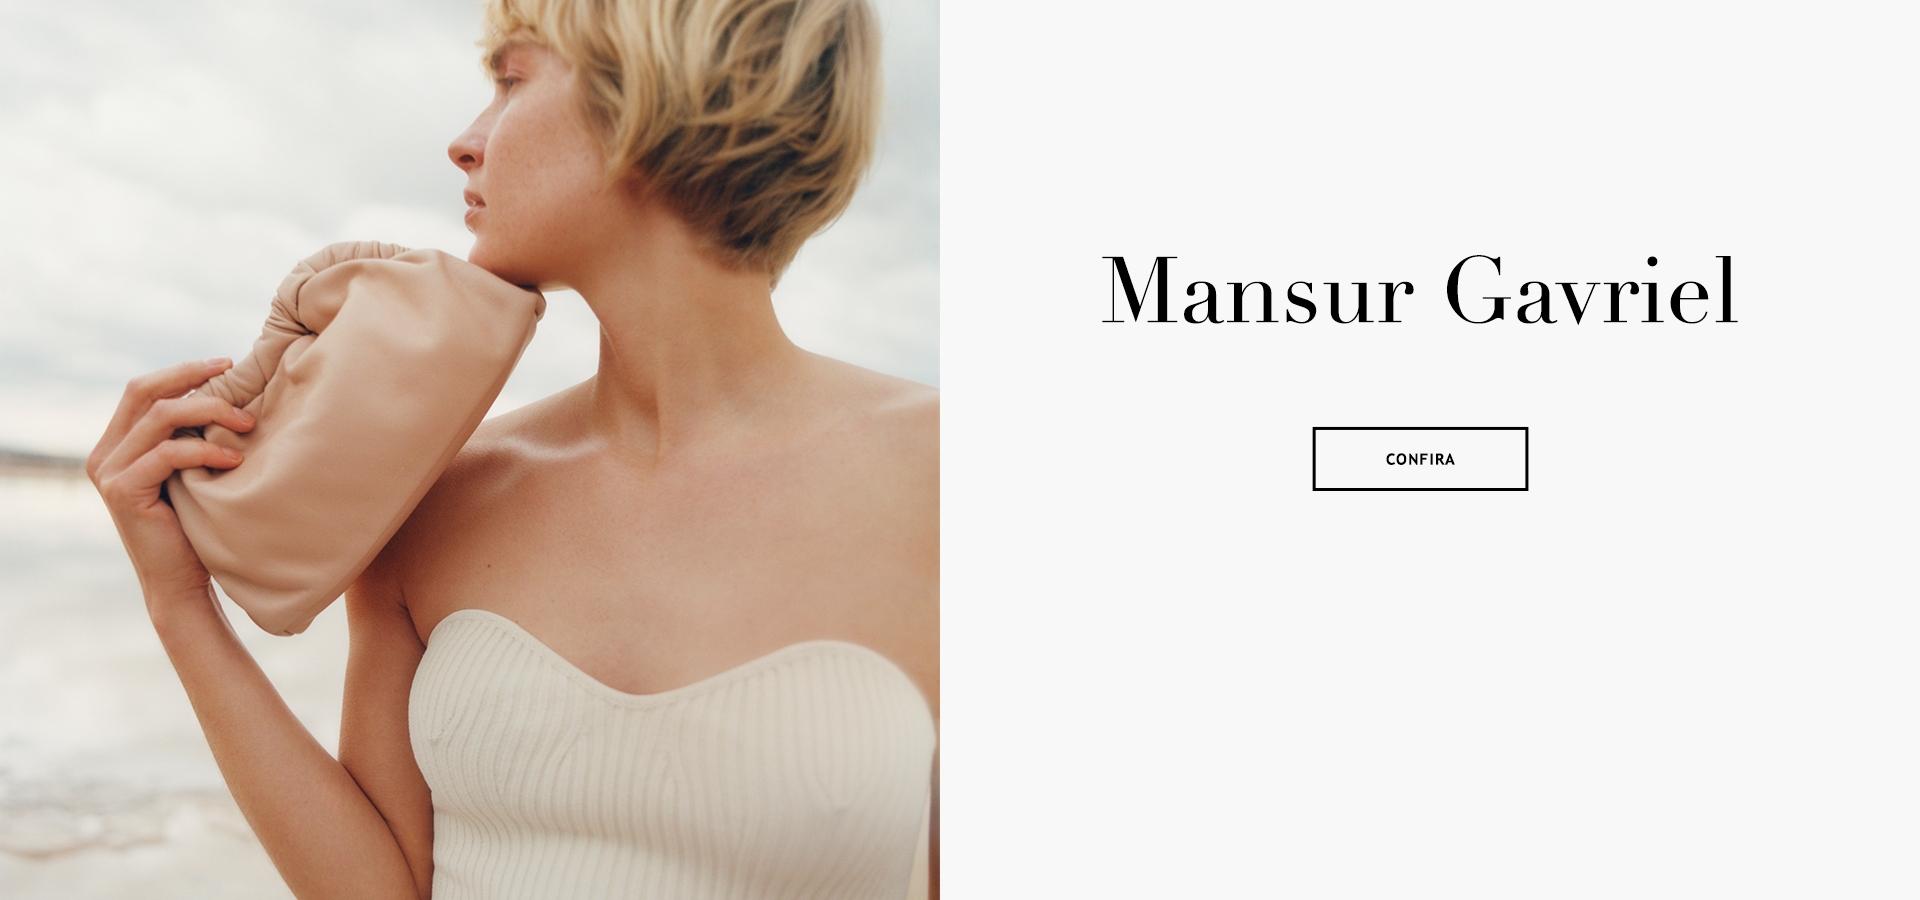 Modernas e Luxuosas. Bolsas de Couro Moda feminina acessórios moda de luxo Mansur Gavriel Brasil Online